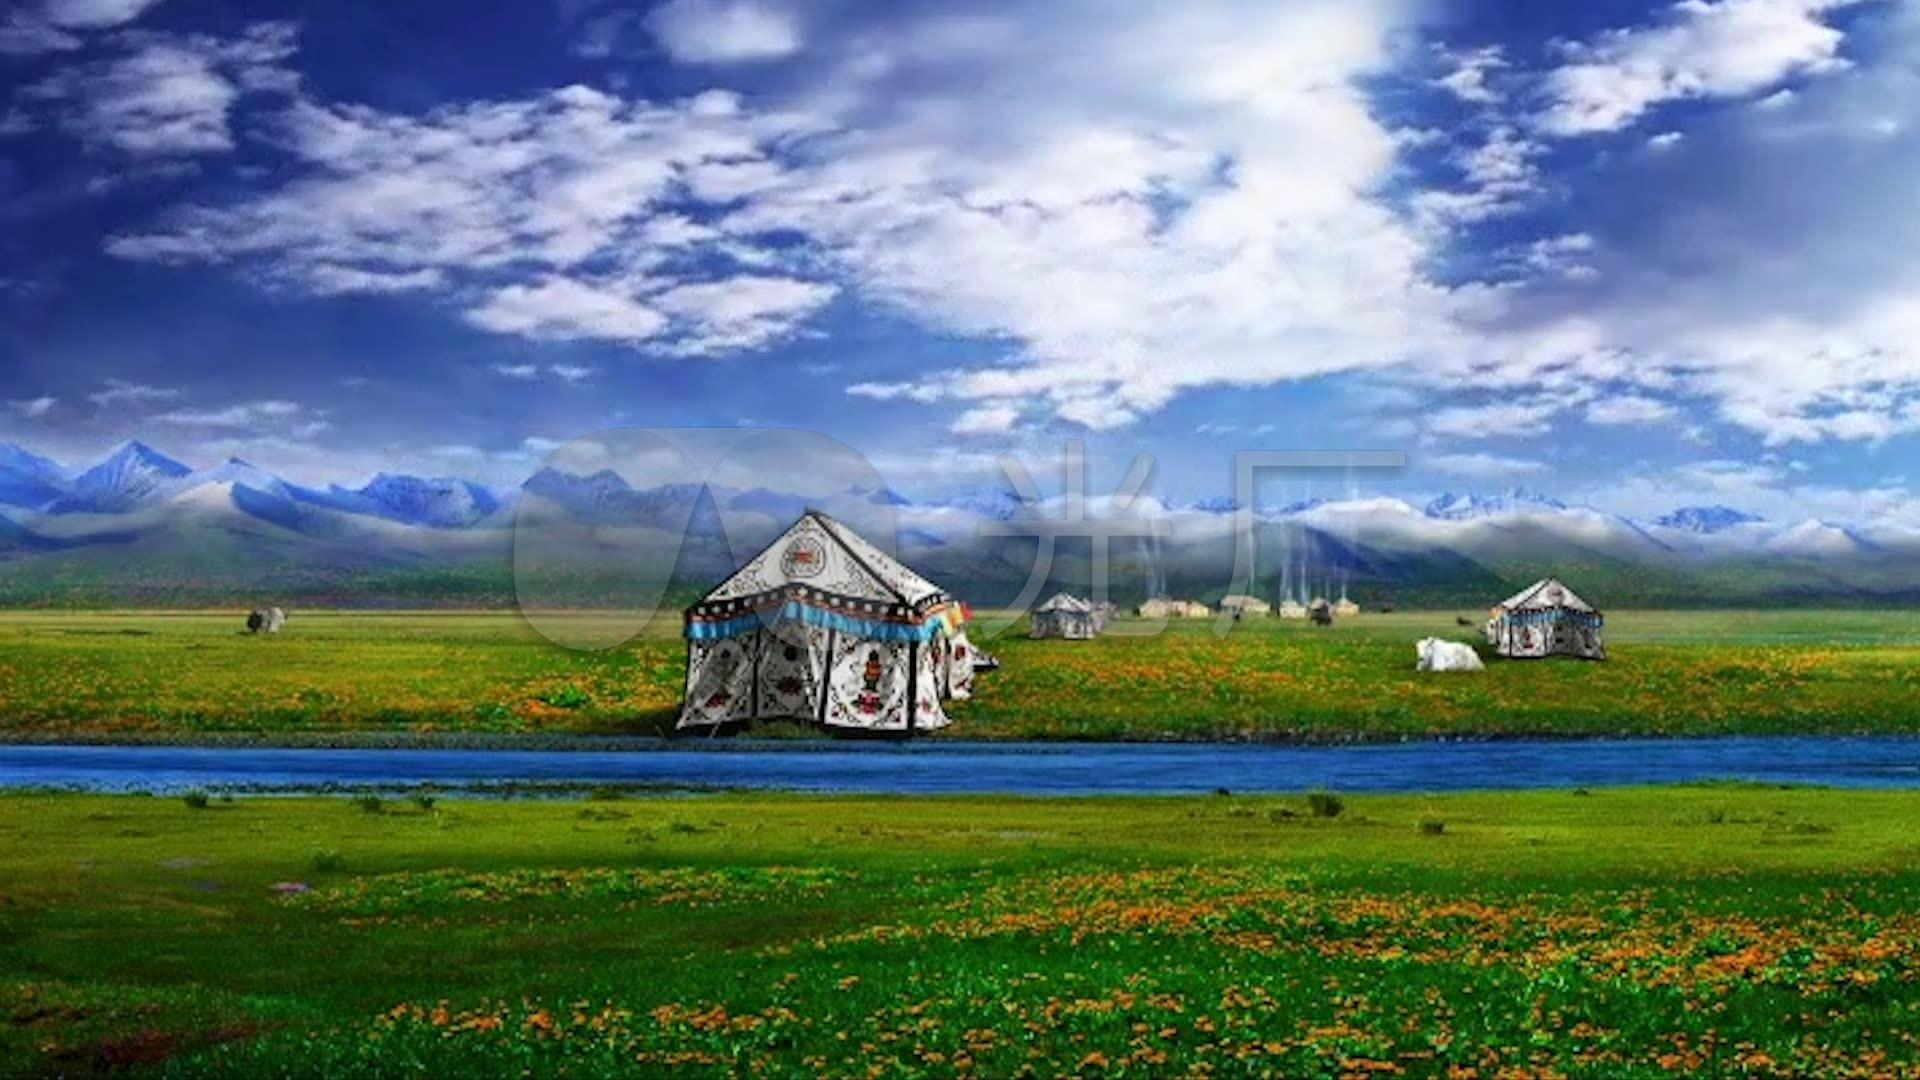 舞蹈藏族视频a舞蹈的玫瑰(隆达梅朵)_1920X10教学弹唱地方民族图片